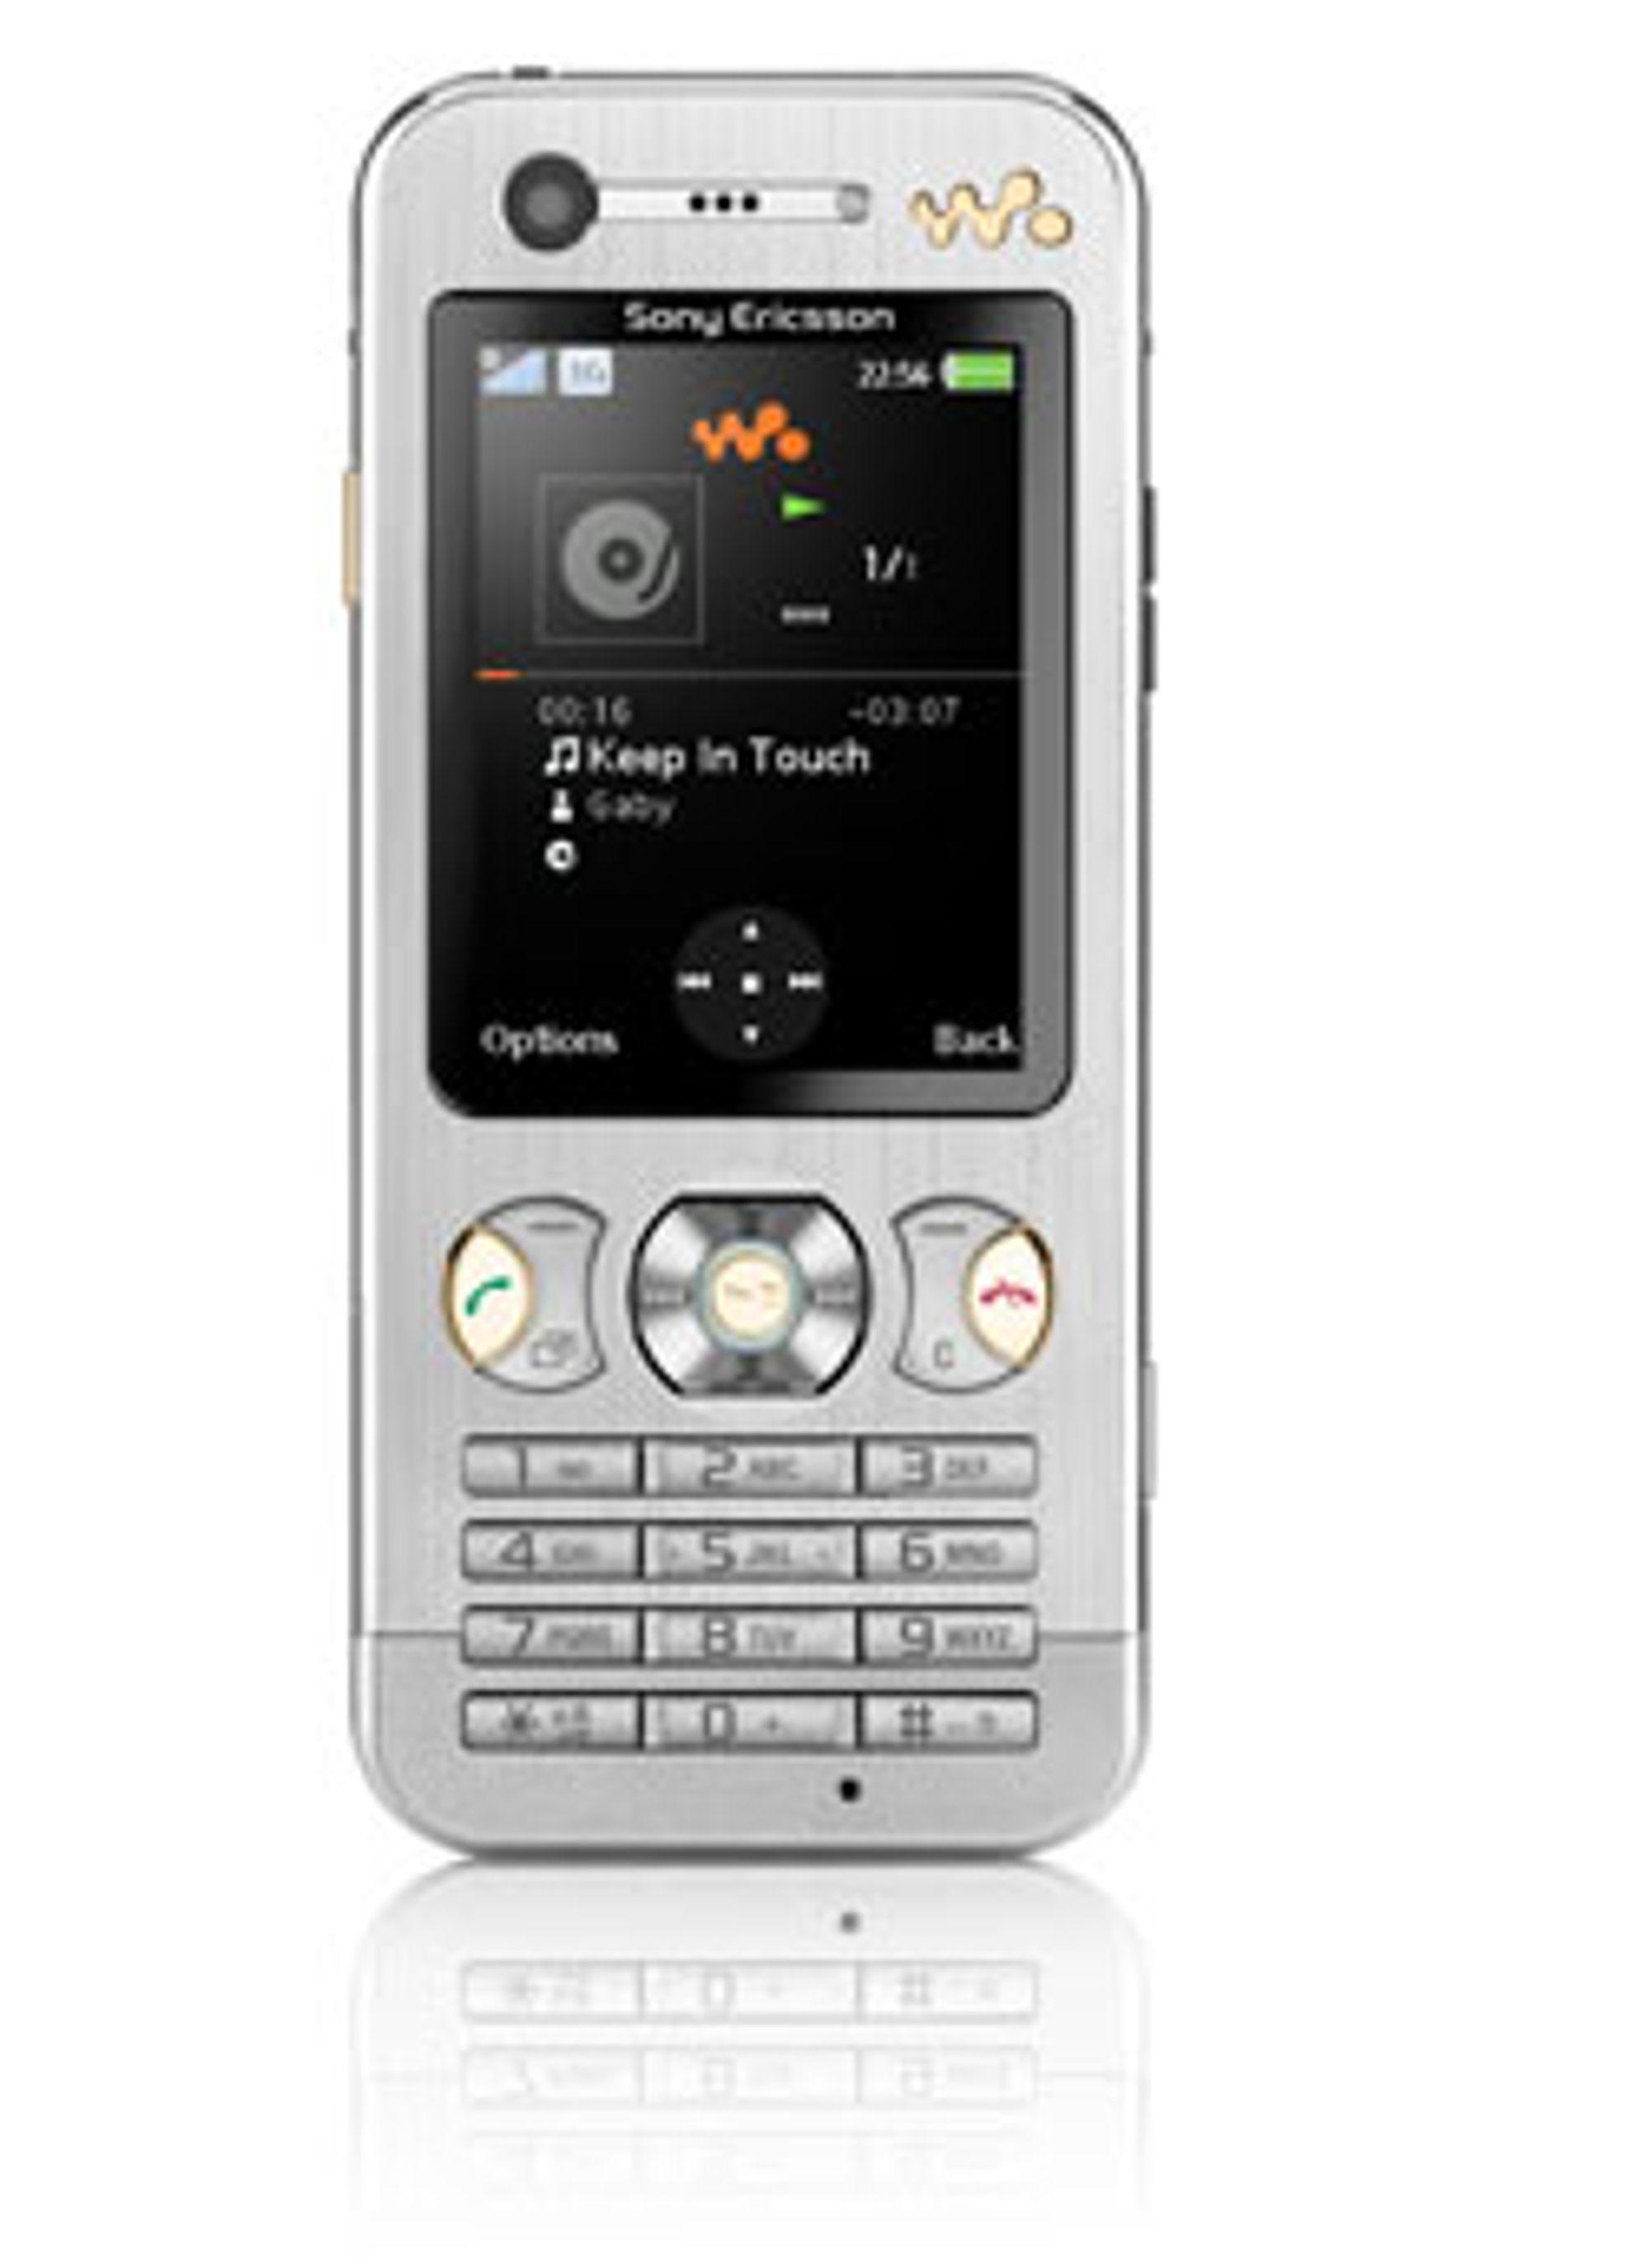 W890i er en ny, tynn Walkman-mobil med Walkman 3.0-programvare.